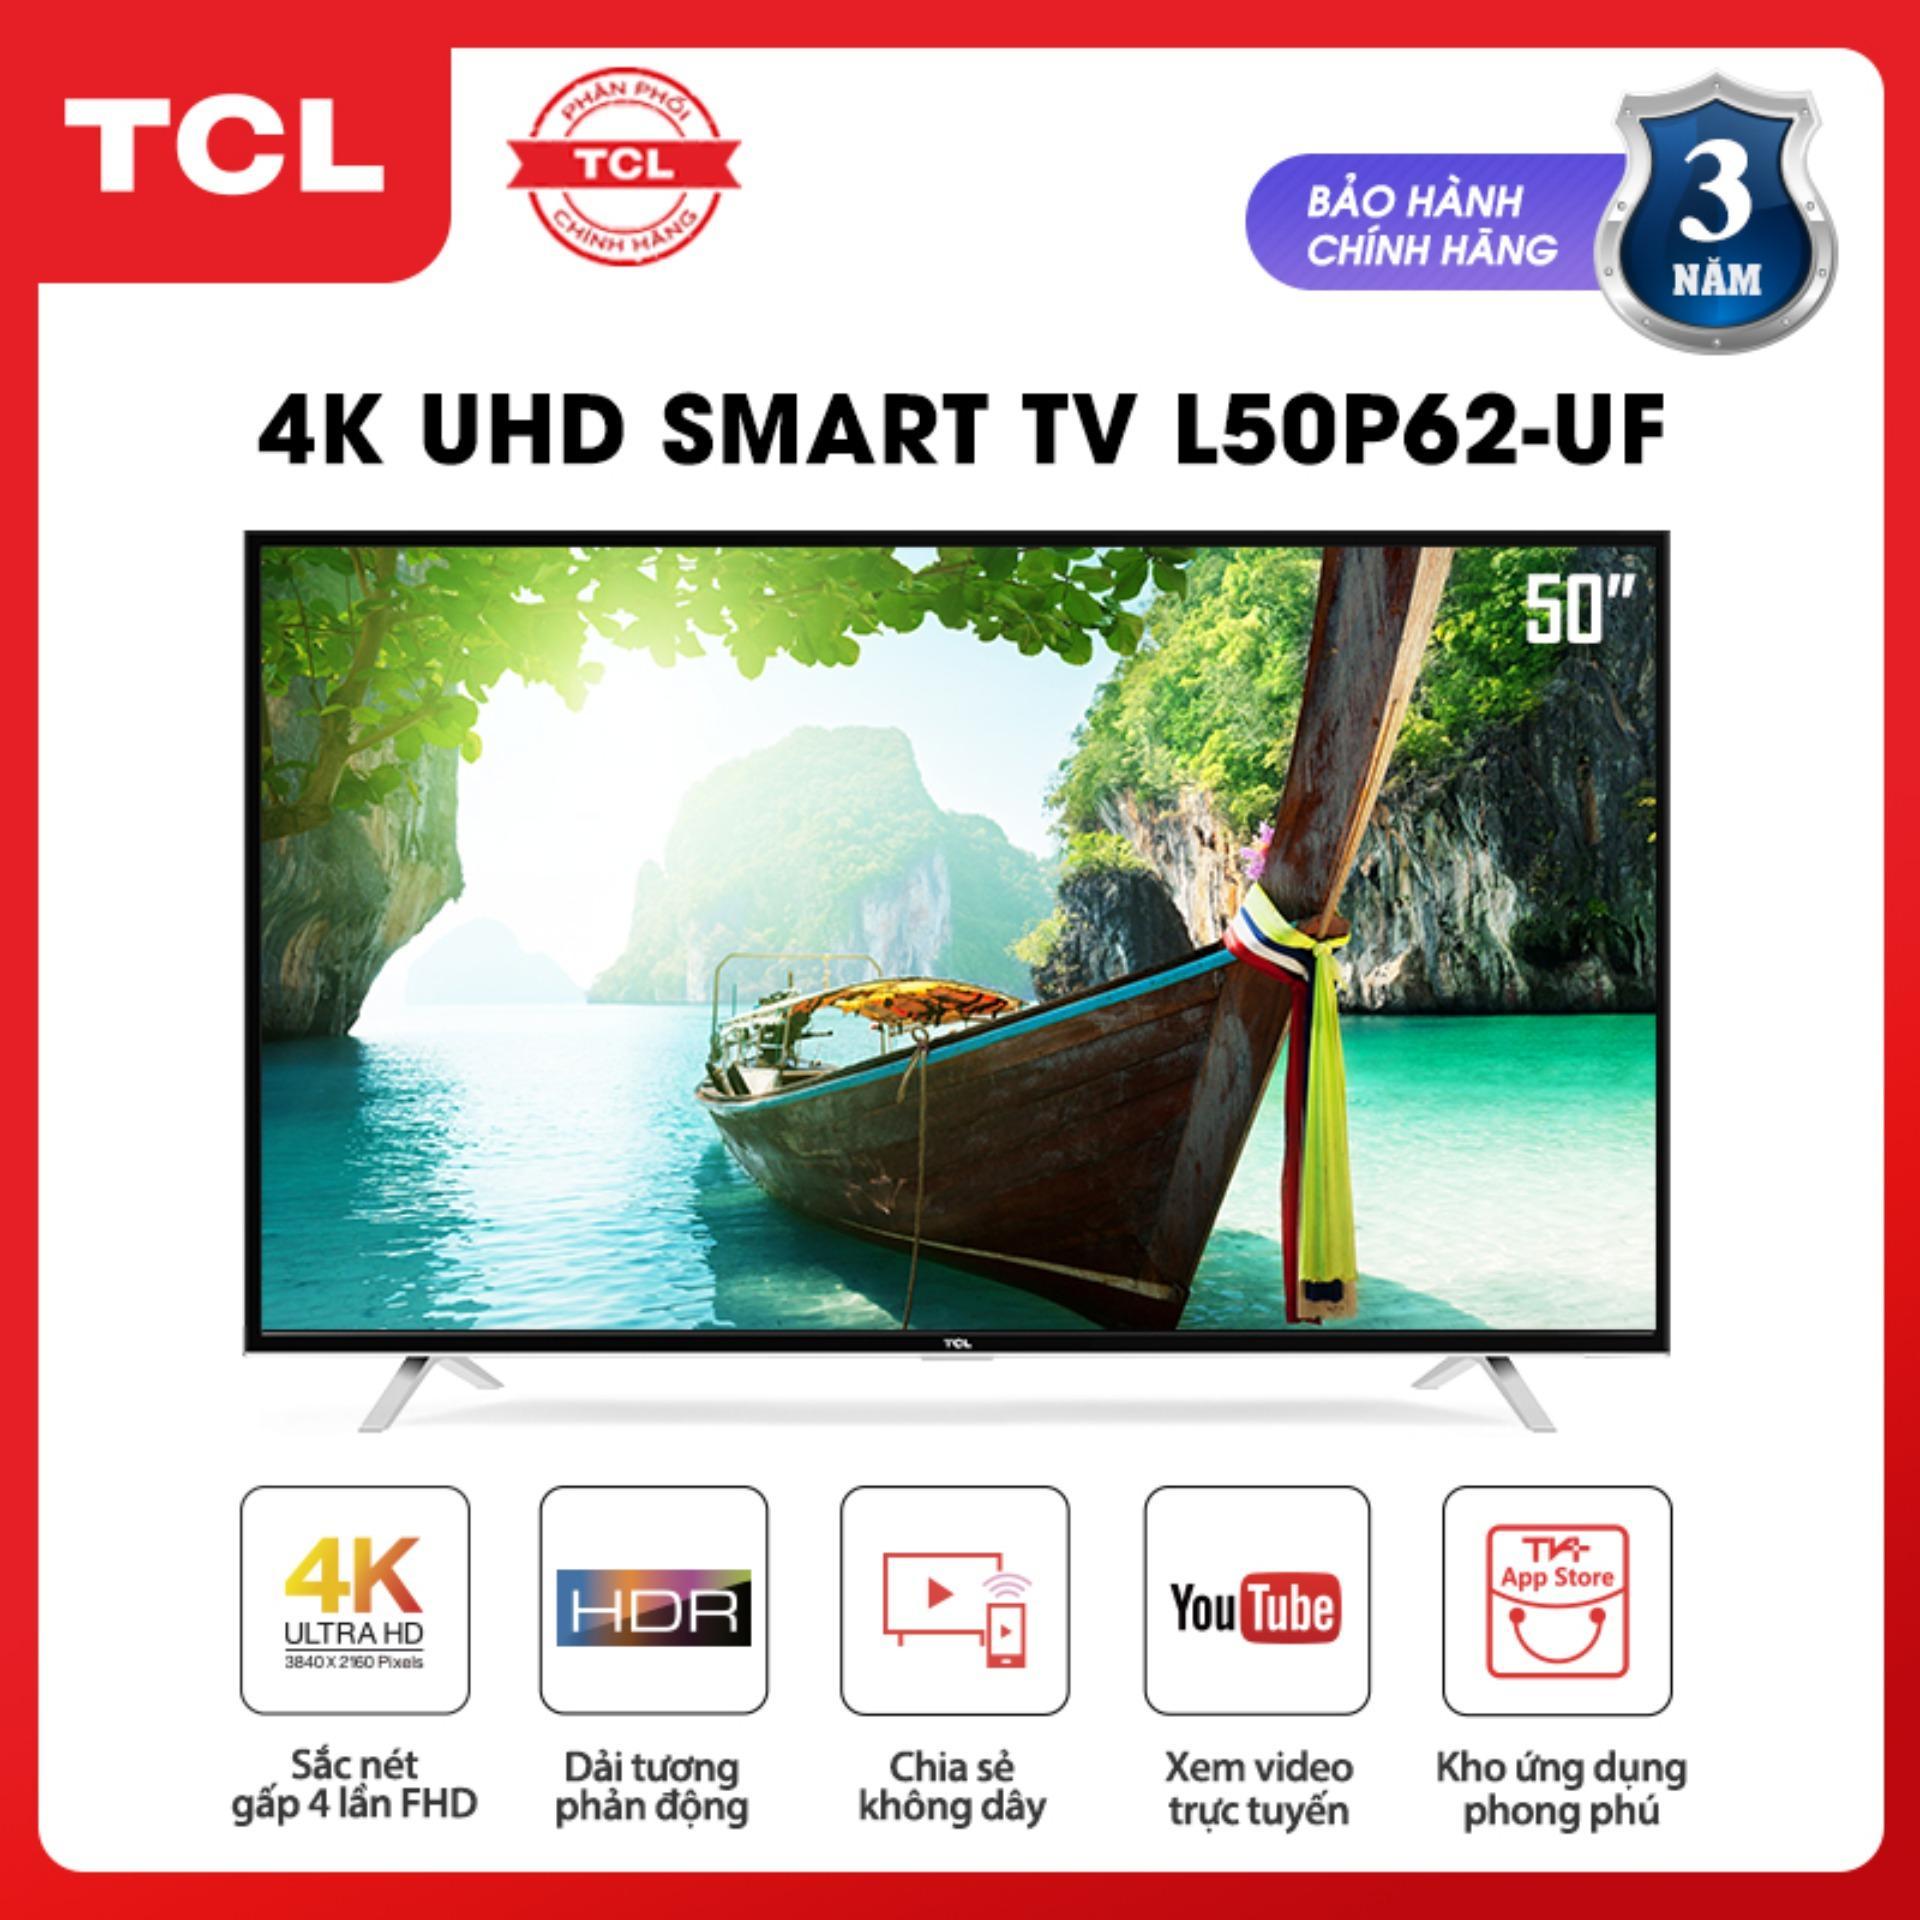 Bảng giá Smart TV 50 inch TCL 4K UHD wifi - L50P62-UF - HDR, Micro Dimming, Dolby, T-cast - Tivi giá rẻ chất lượng - Bảo hành 3 năm